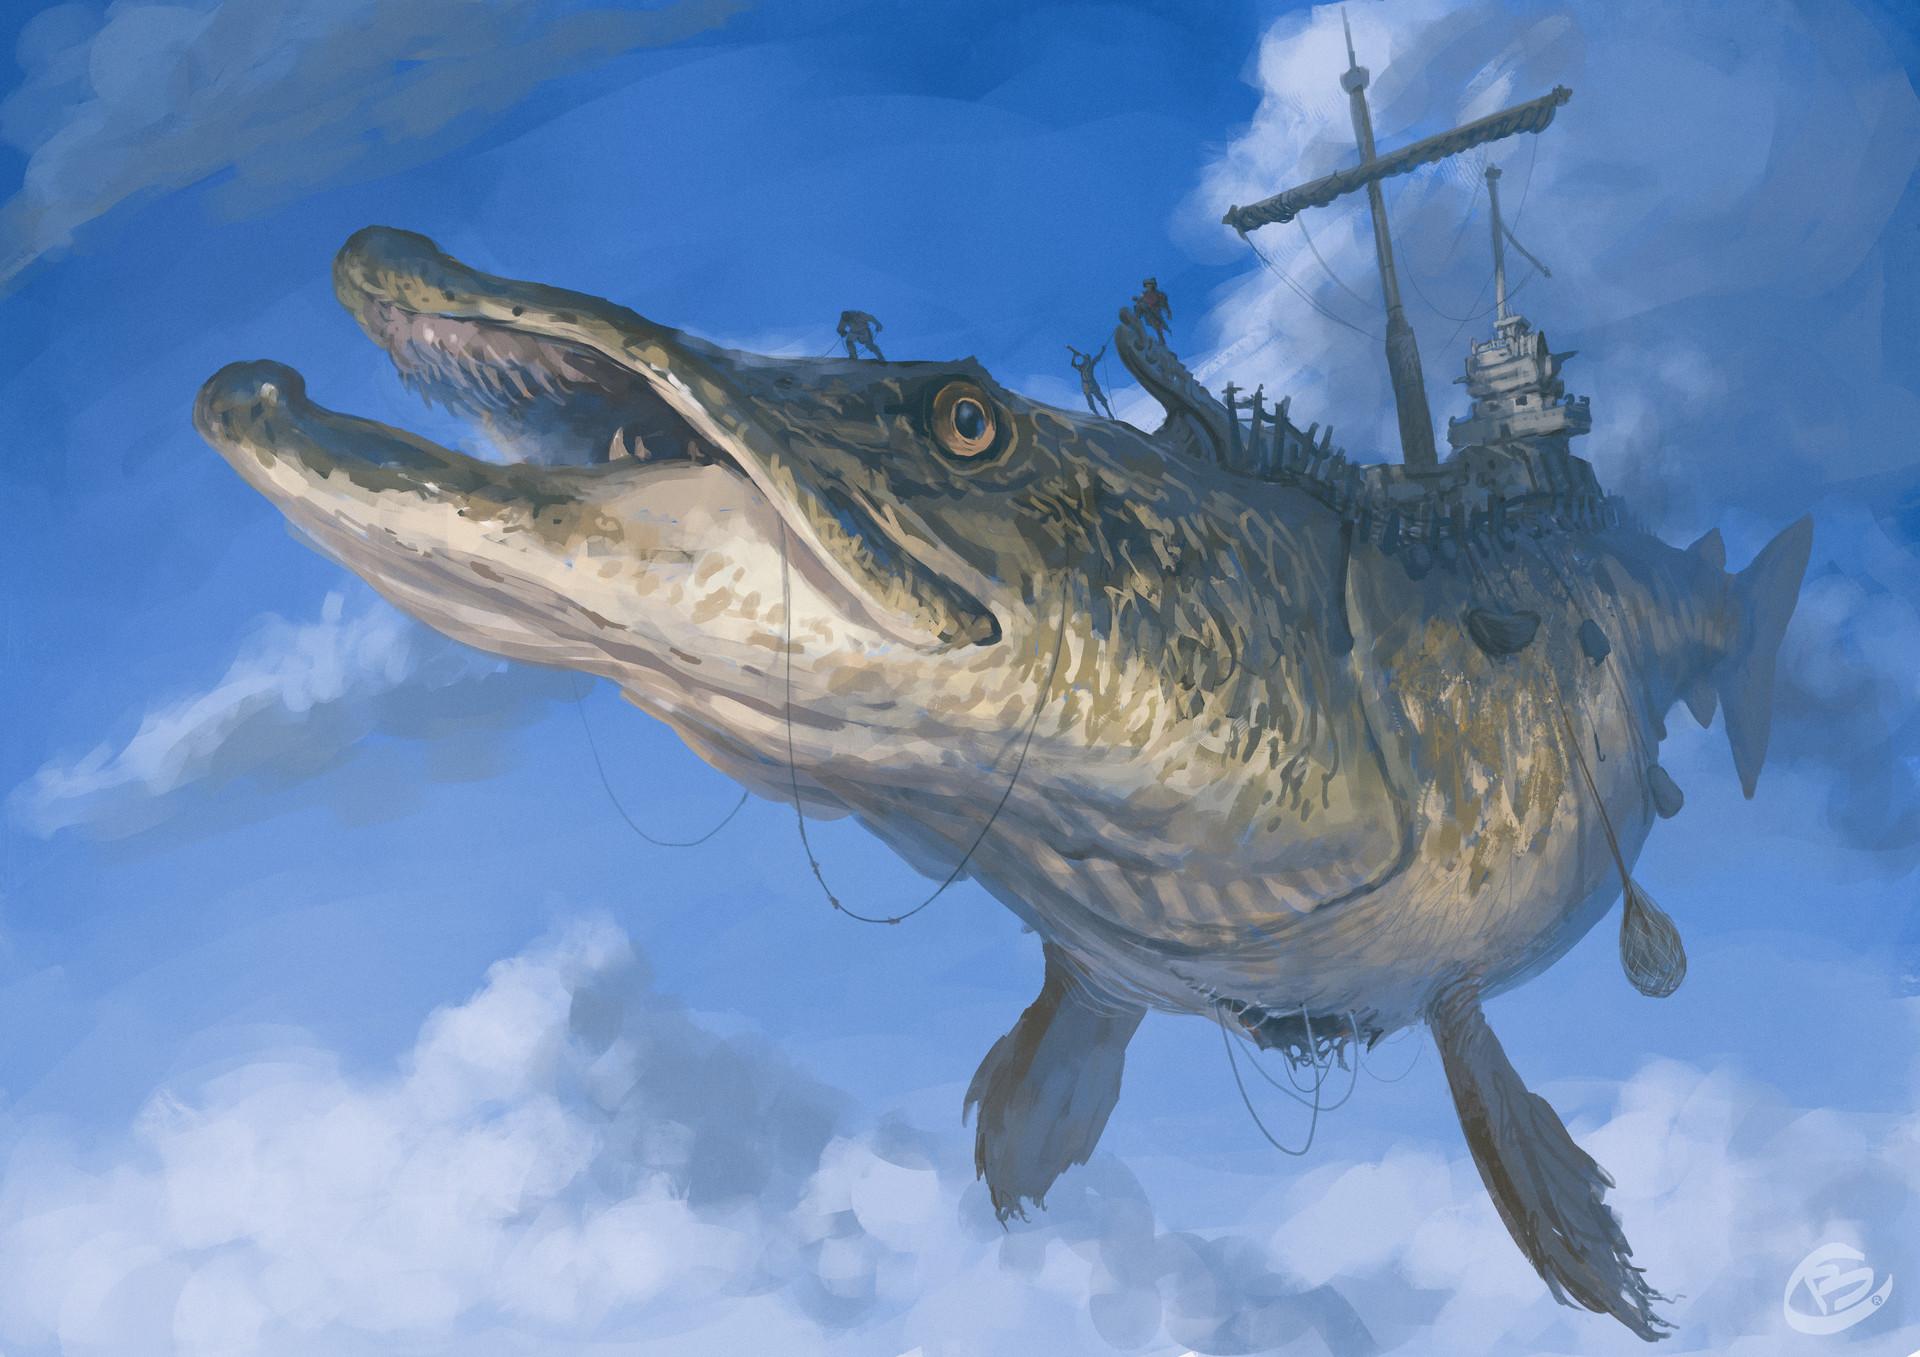 Charidimos bitsakakis fish2b 4k